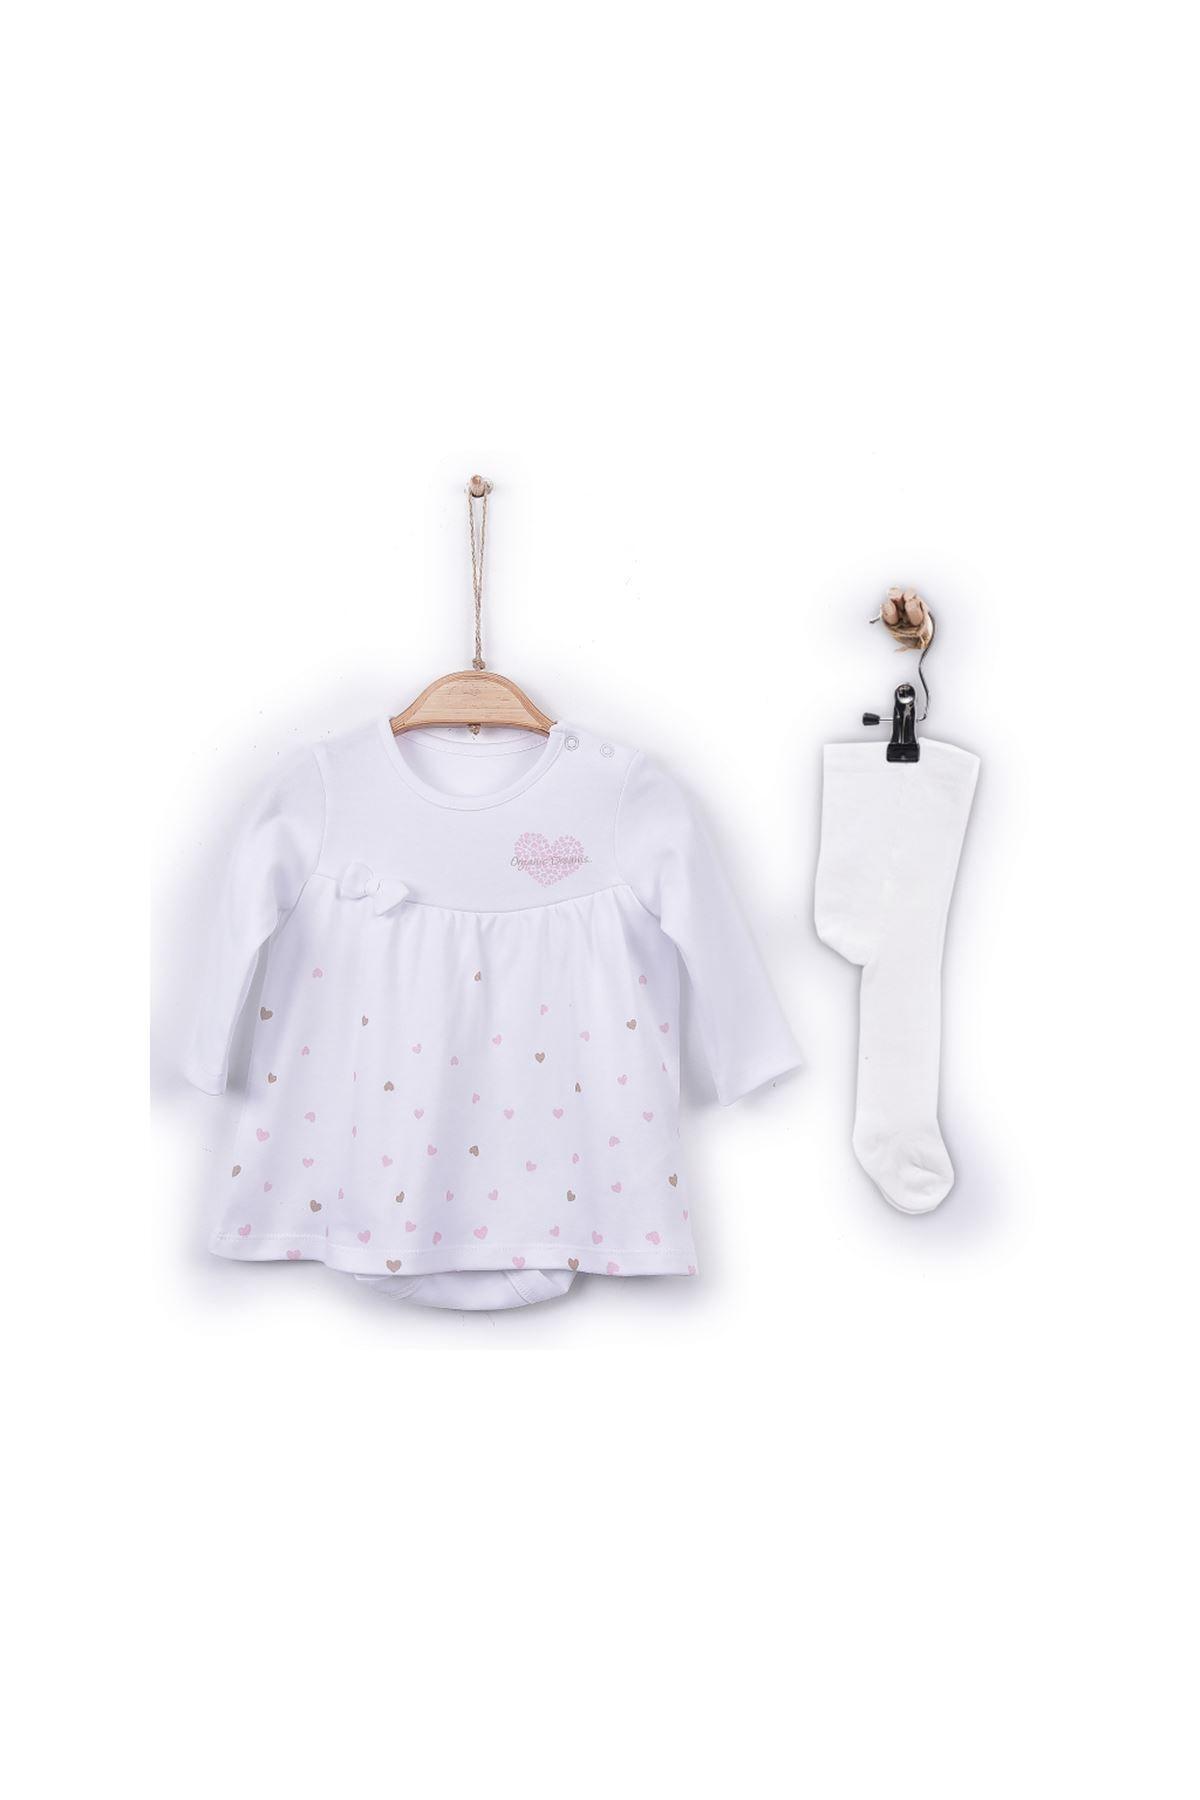 kitikate S30068 Kız Bebe Organik Dreams Jile Body - Çoraplı Beyaz 1